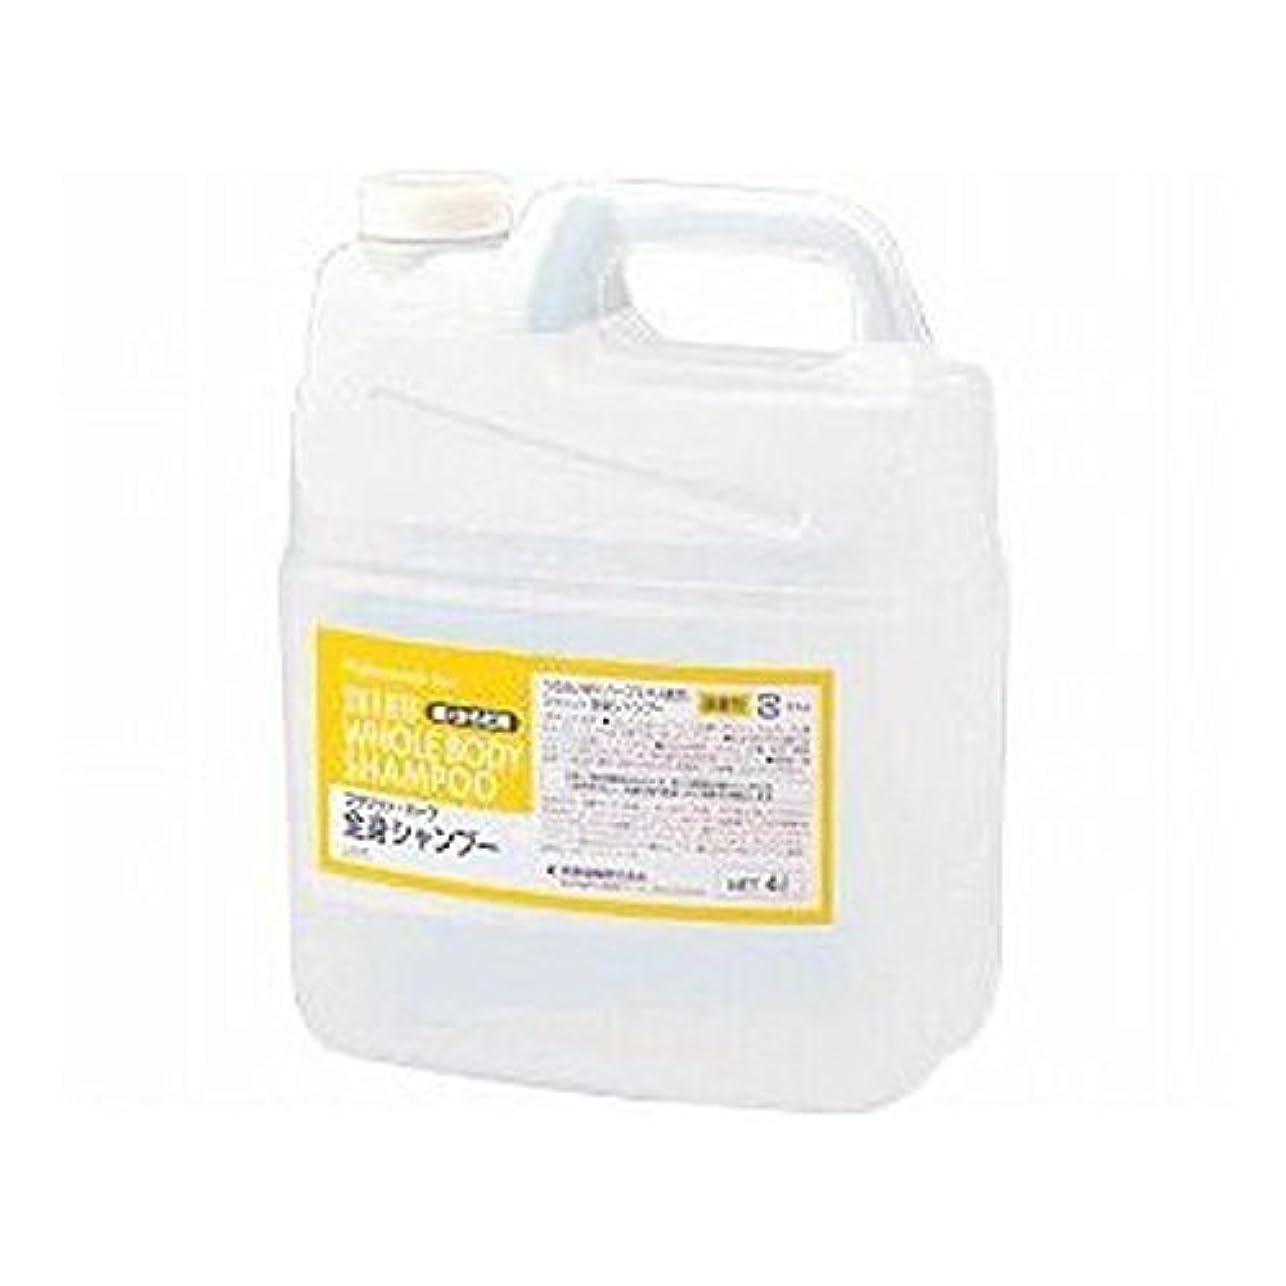 フォーク施設九時四十五分熊野油脂 業務用 SCRITT(スクリット) 全身シャンプー 4L